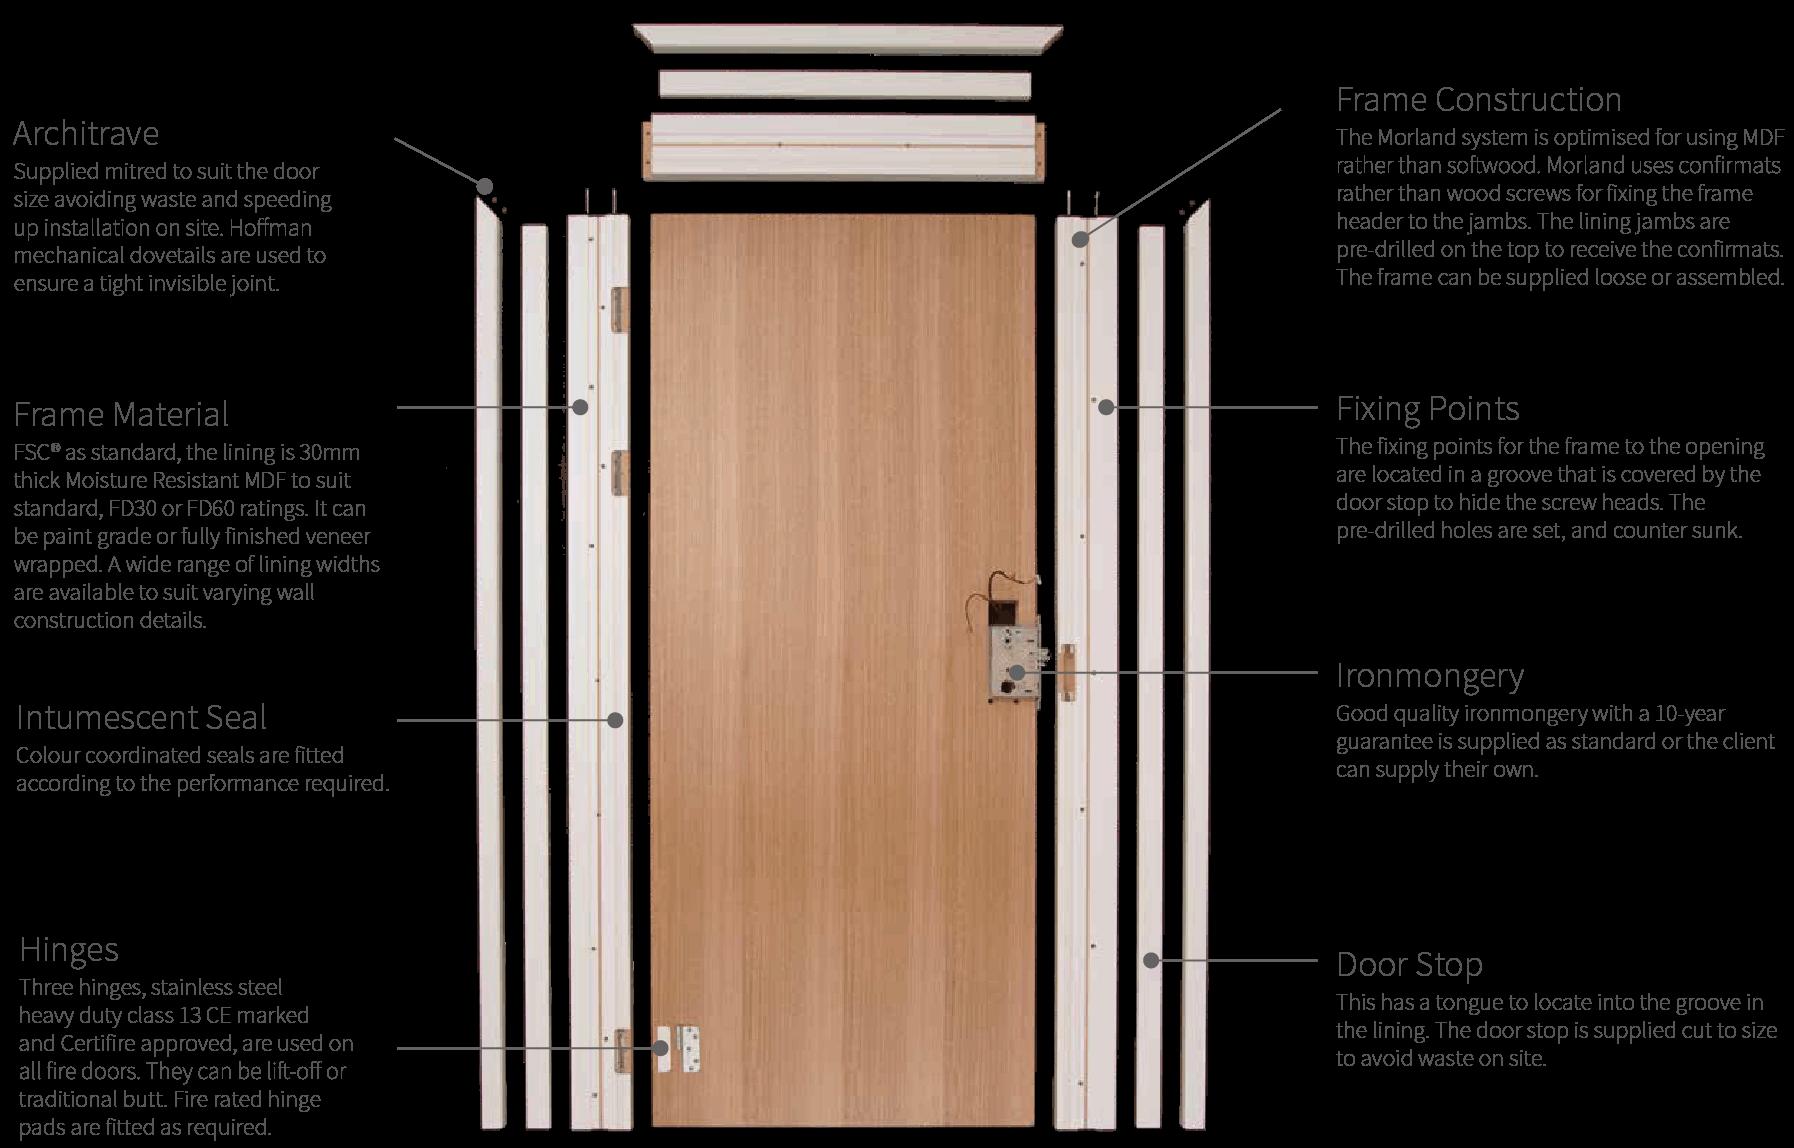 Morland Door Frames & Architraves